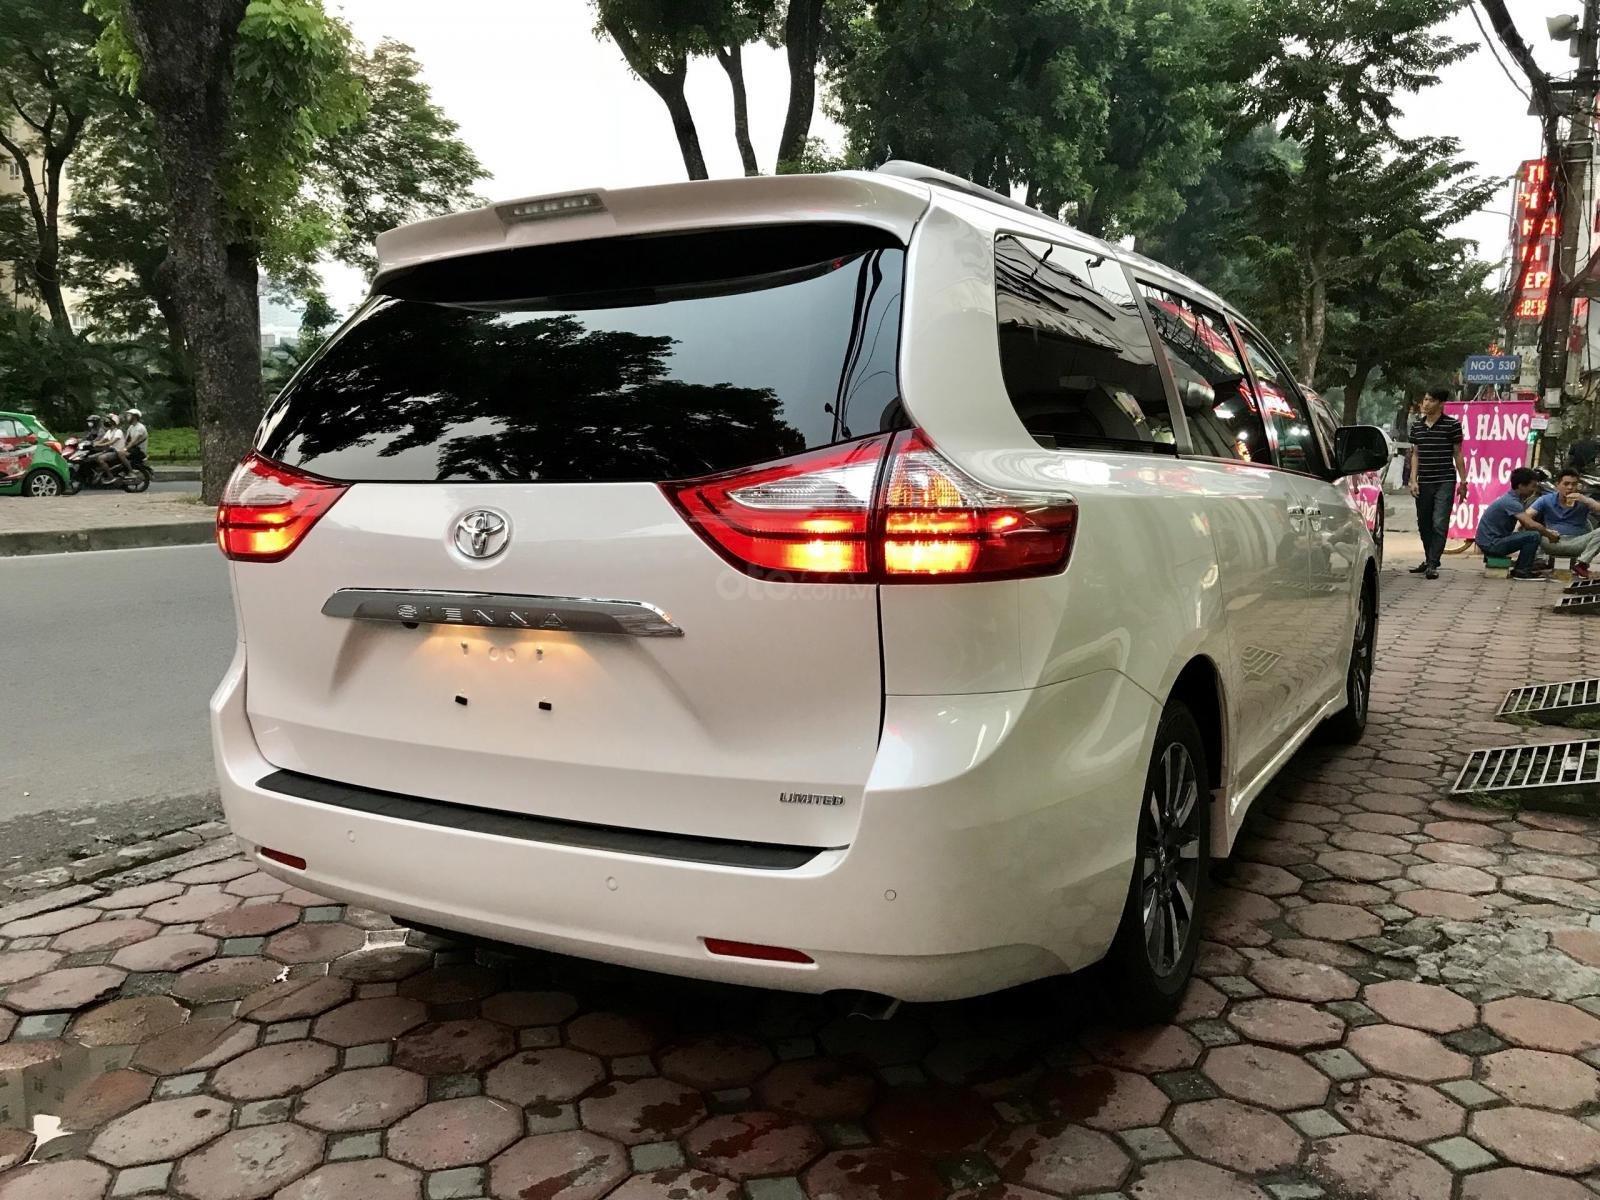 Bán Toyota Sienna Limited 1 cầu model 2020 giao ngay toàn quốc, giá tốt - LH 093.996.2368 Ms Ngọc Vy (4)